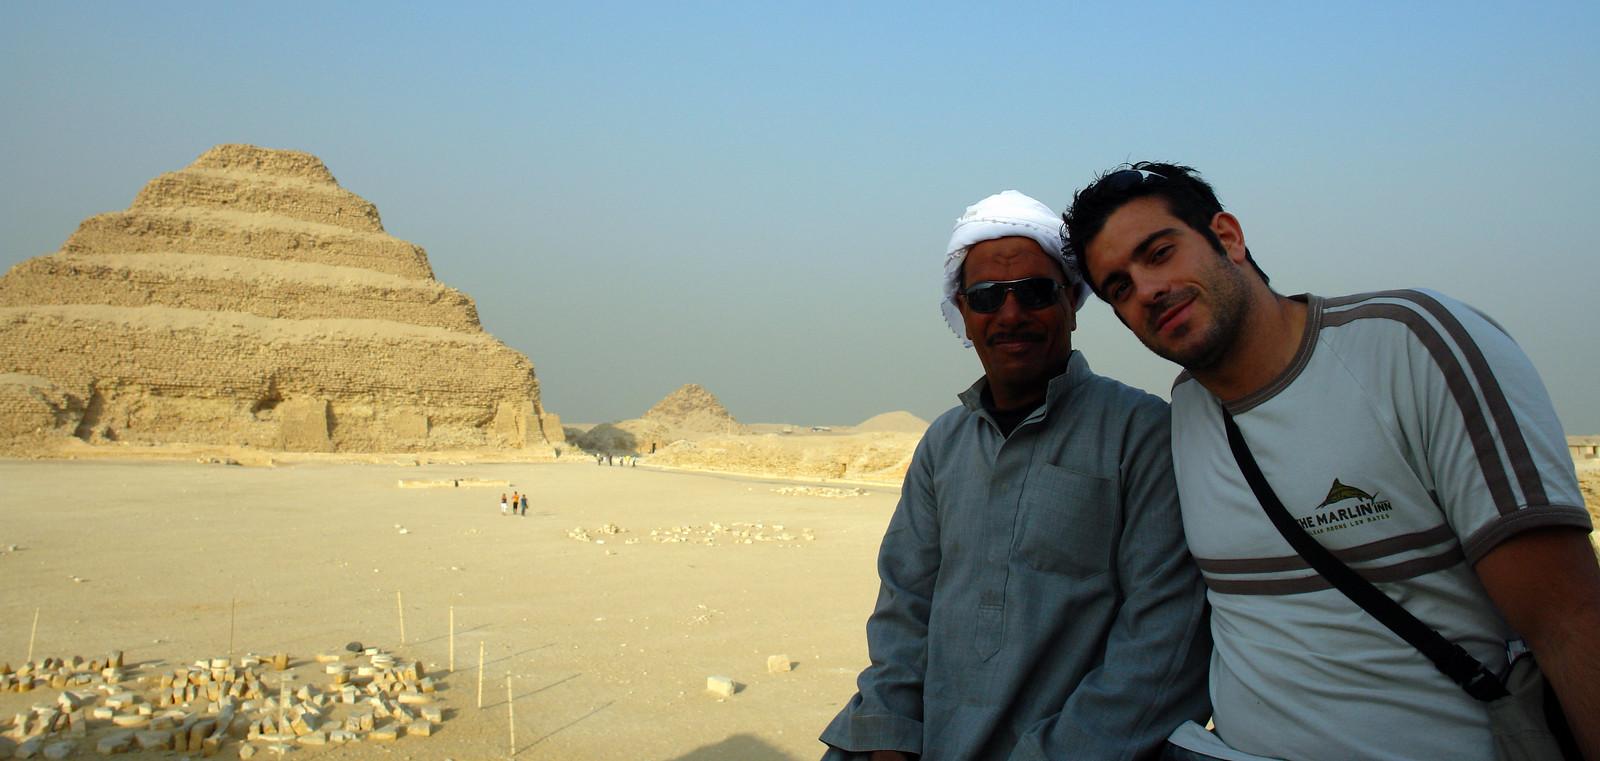 Qué ver en El Cairo, Egipto lugares que visitar en el cairo - 40100564825 2e4064aff1 h - 10+1 lugares que visitar en El Cairo